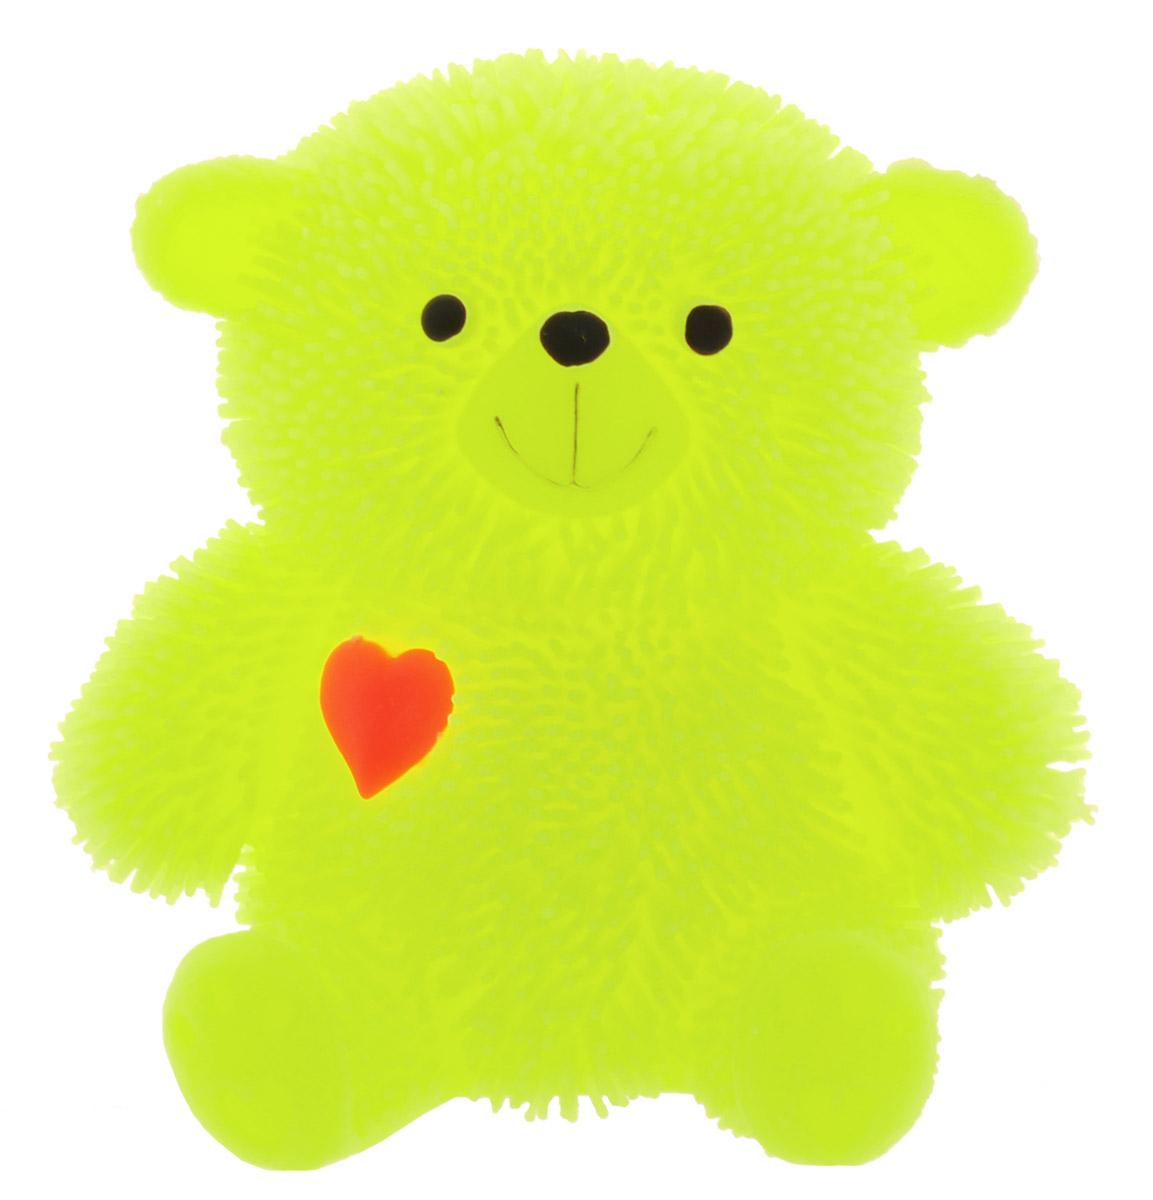 HGL Фигурка Медведь с подсветкой цвет желтыйSV10998_желтыйФигурка Медведь - это мягкая резиновая игрушка в виде желтого медвежонка с резиновым ворсом. Взяв игрушку в руки, расстаться с ней просто невозможно! Её не только приятно держать в руках: если перекинуть игрушку из руки в руку, она начнёт мигать цветными огоньками. Данная игрушка рассчитана на широкую целевую аудиторию - как детей от пяти лет, так и взрослых. Медведь обязательно станет самым любимым забавным сувениром. Игрушка работает от незаменяемых батареек.